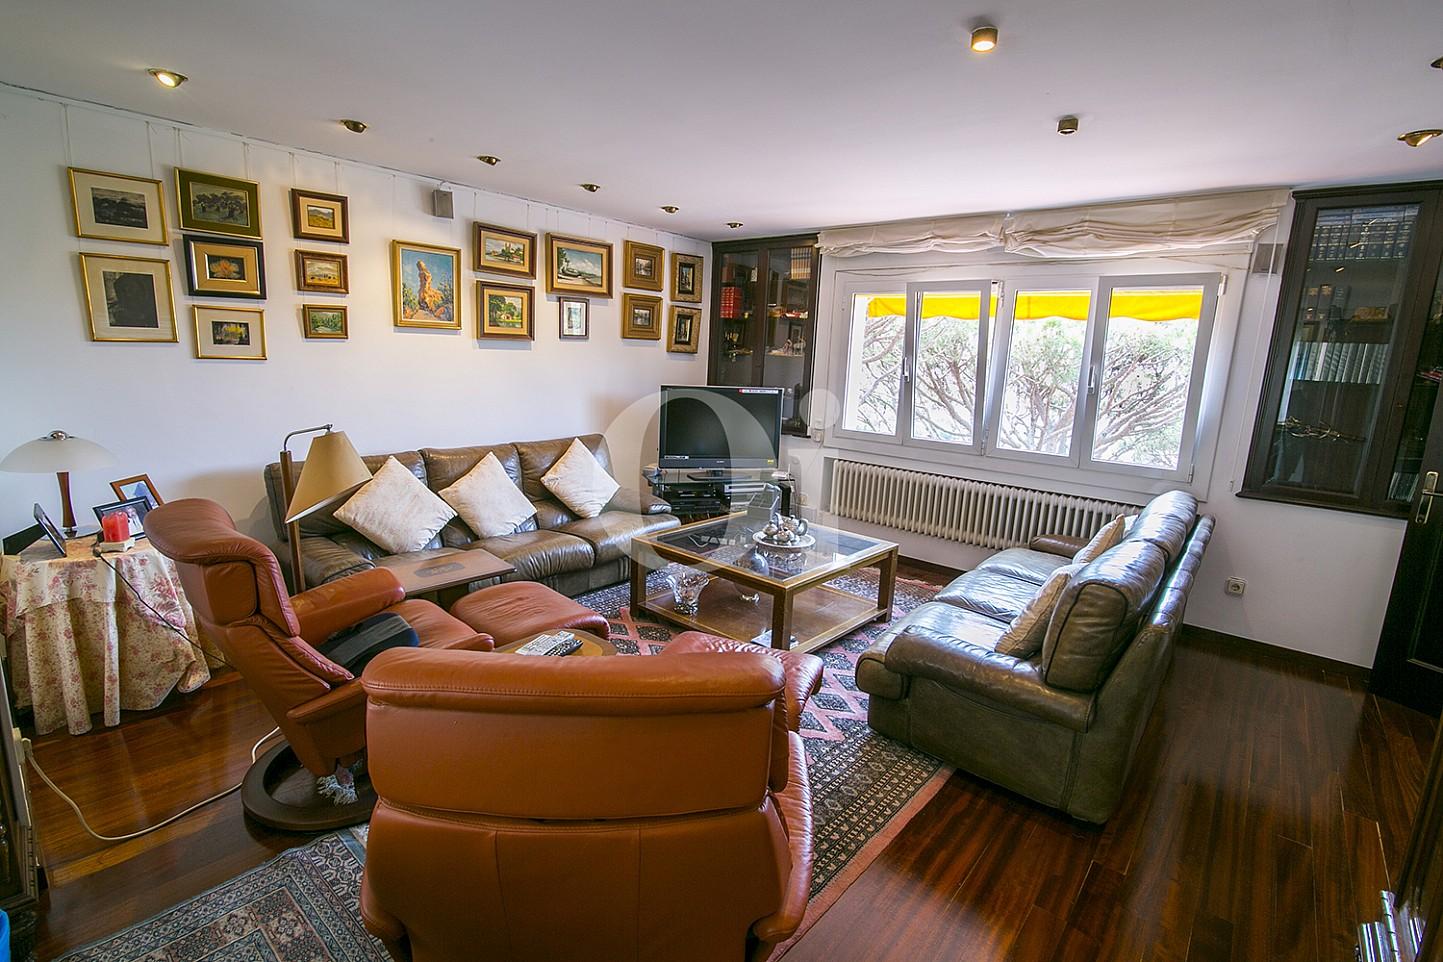 Espectacular y luminoso comedor con vistas exteriores en sensacional casa en venta situada en Cabrils